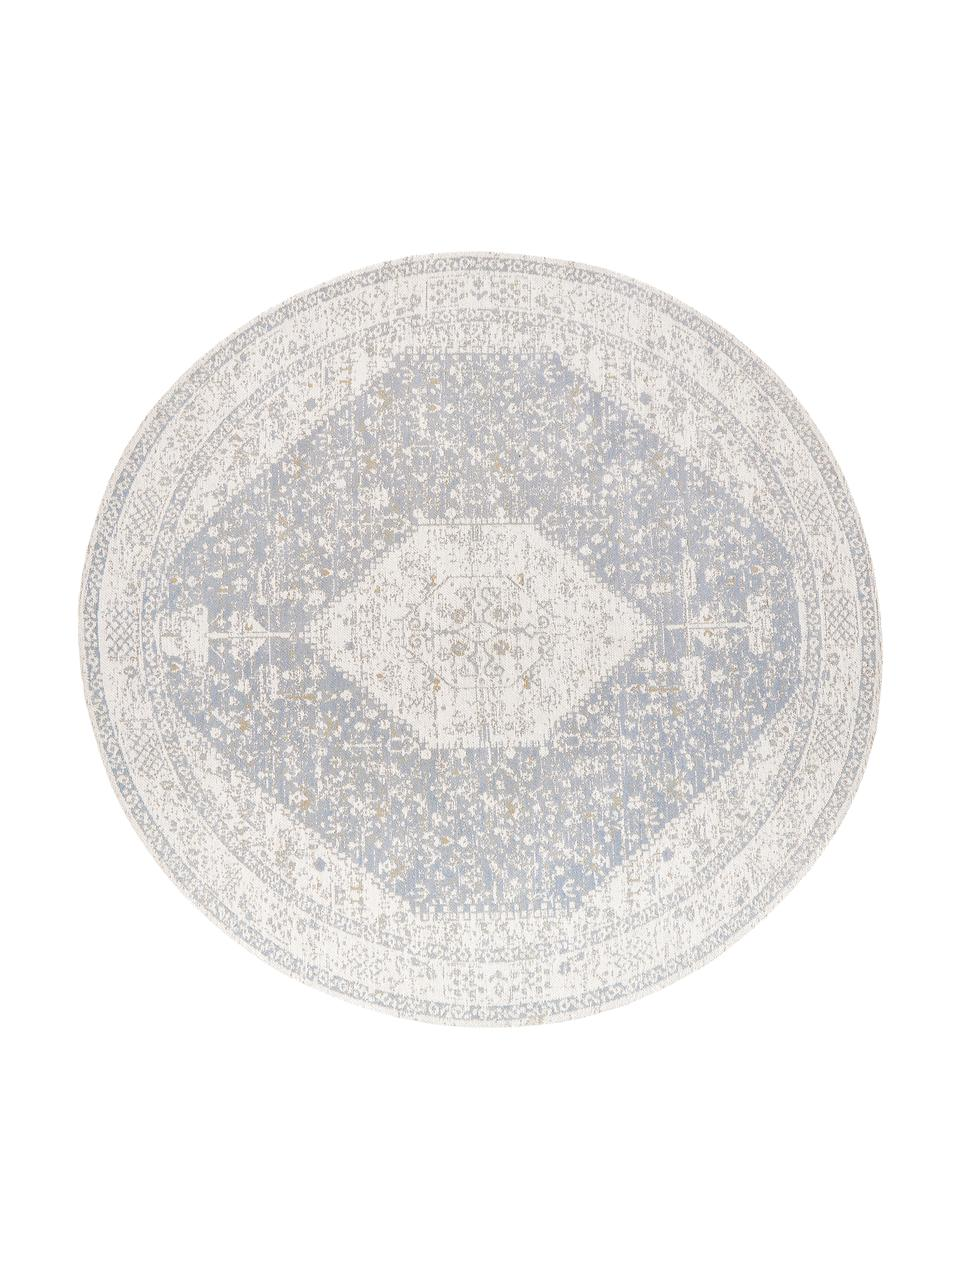 Tappeto vintage rotondo in ciniglia tessuto a mano Neapel, Retro: 100% cotone, Grigio chiaro, crema, taupe, Ø 150 cm (taglia M)